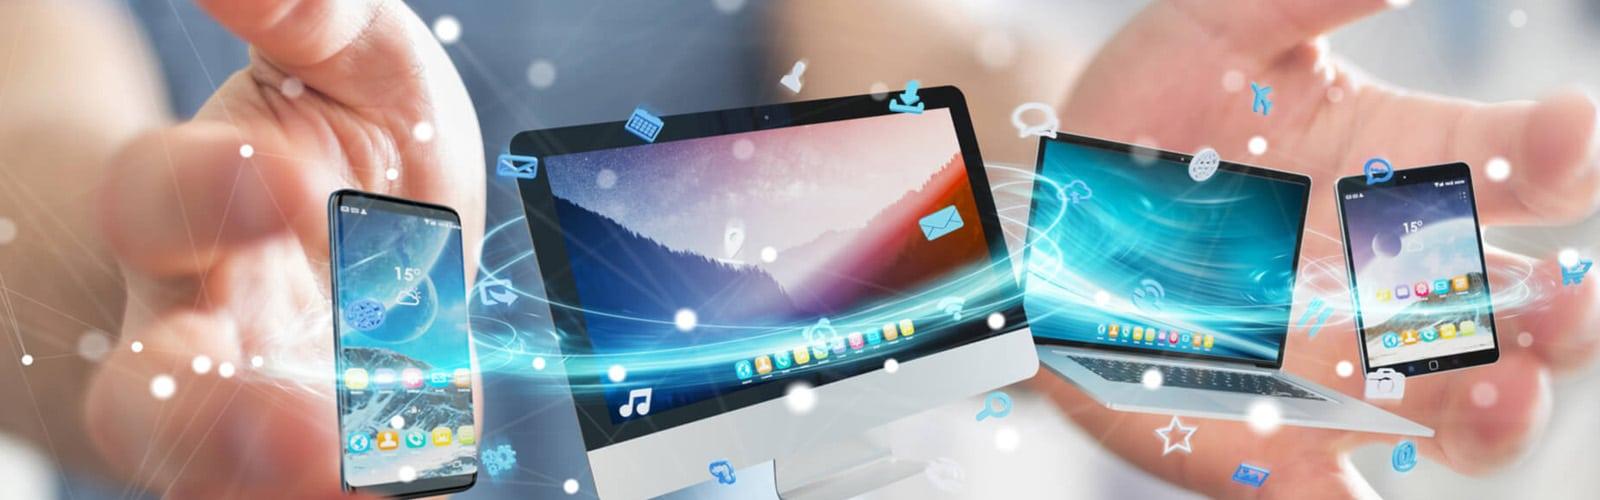 Criação de site para todos os dispositivos, sites responsivos